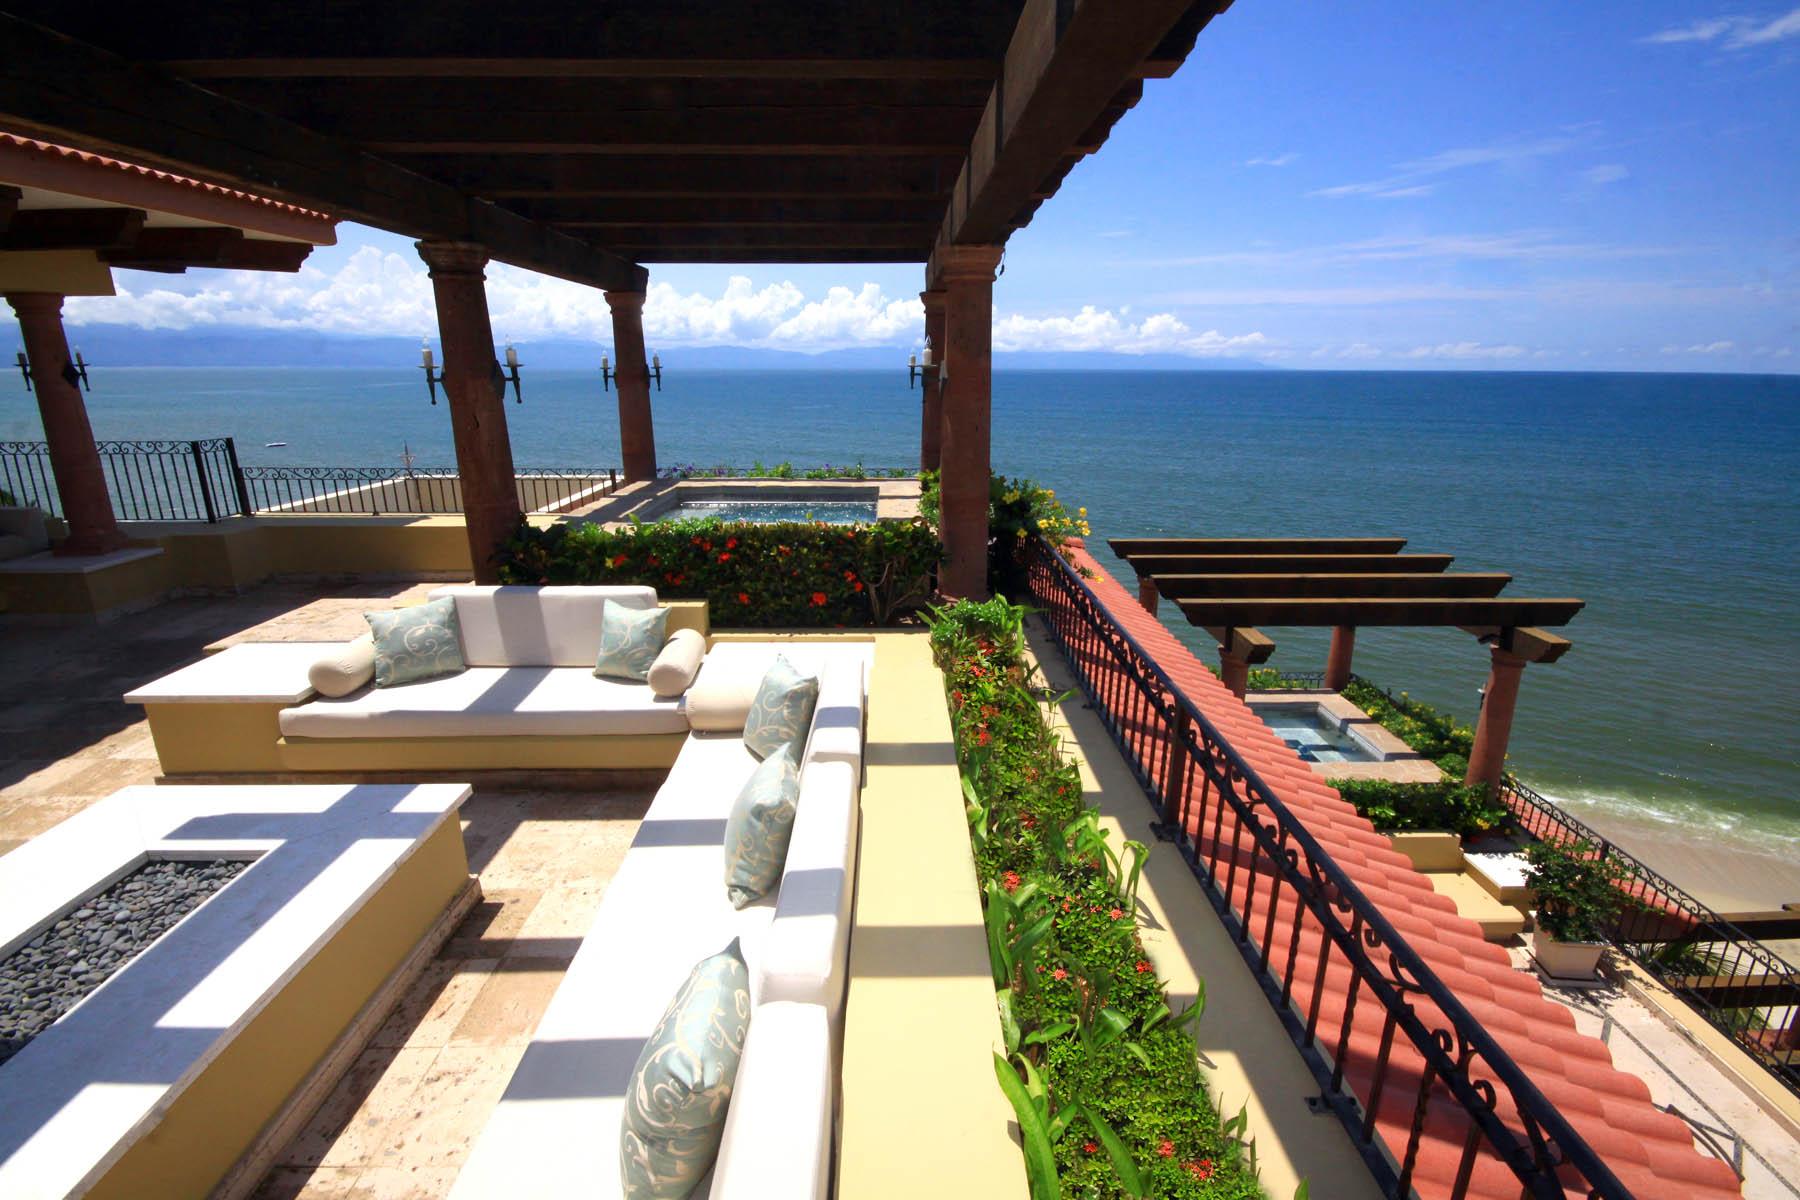 Villa la estancia riviera nayarit presidential three bedroom suite 12